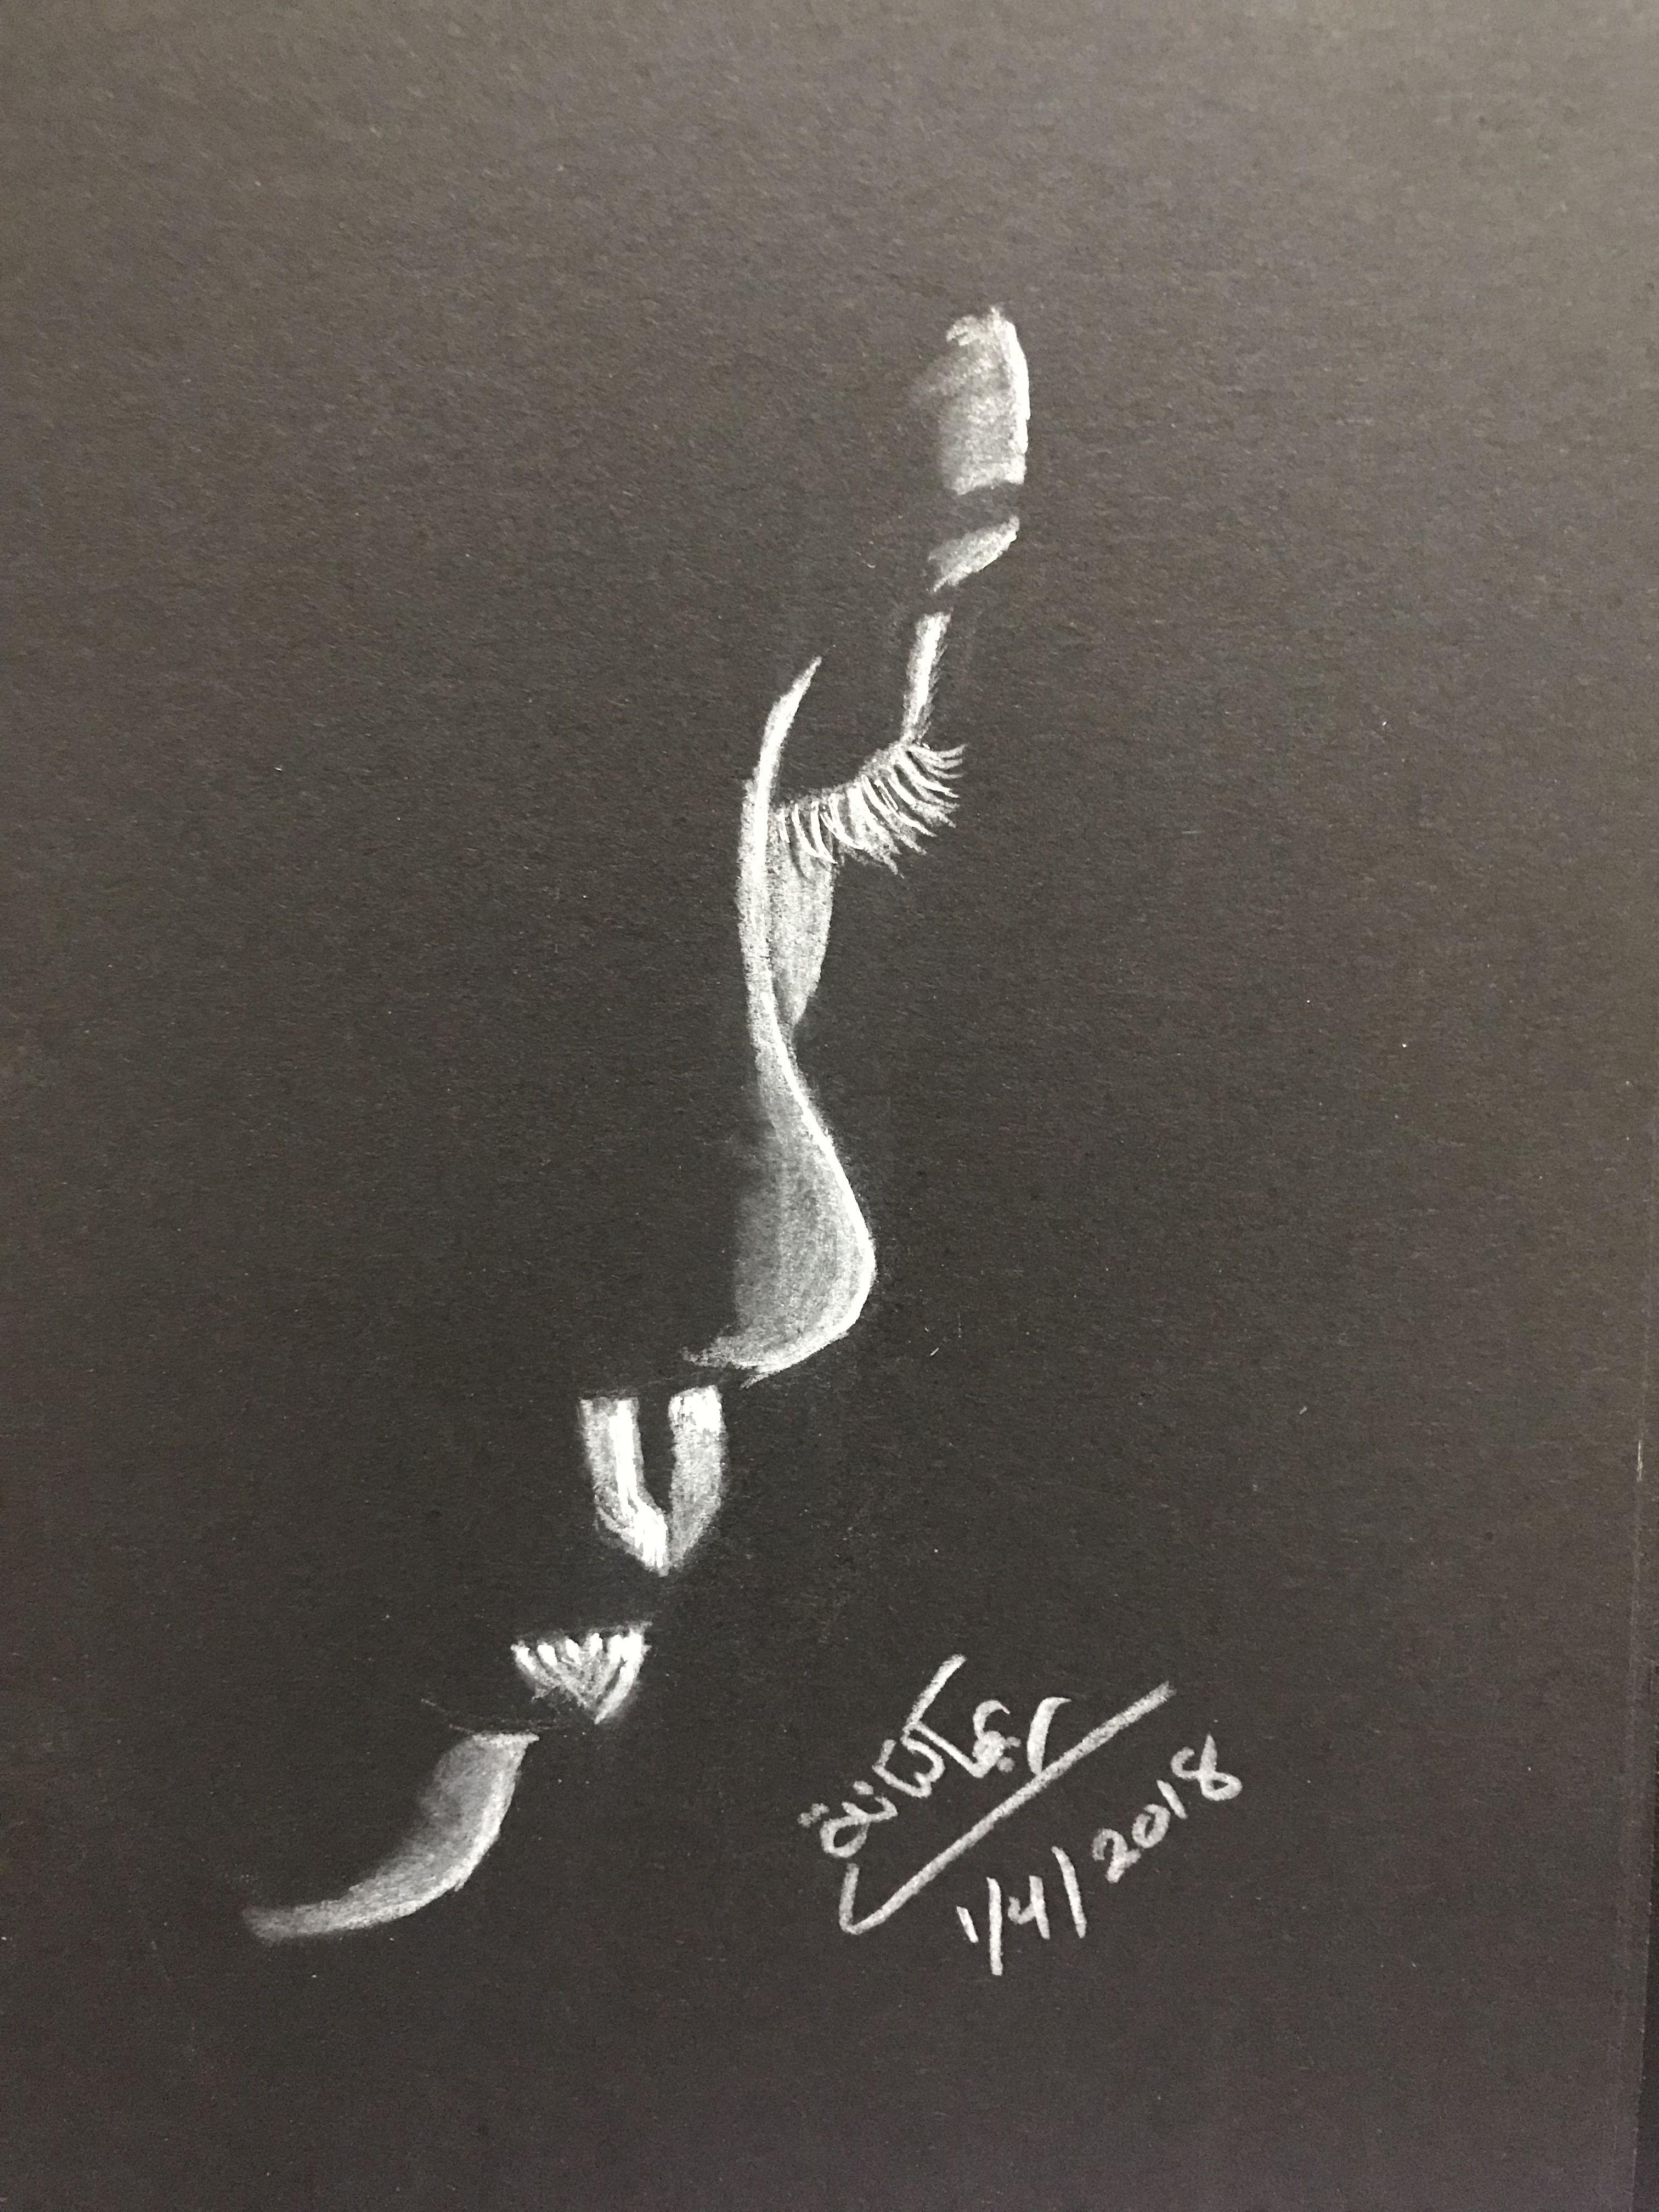 Black paint paintings pencil sketching in 2019 pencil